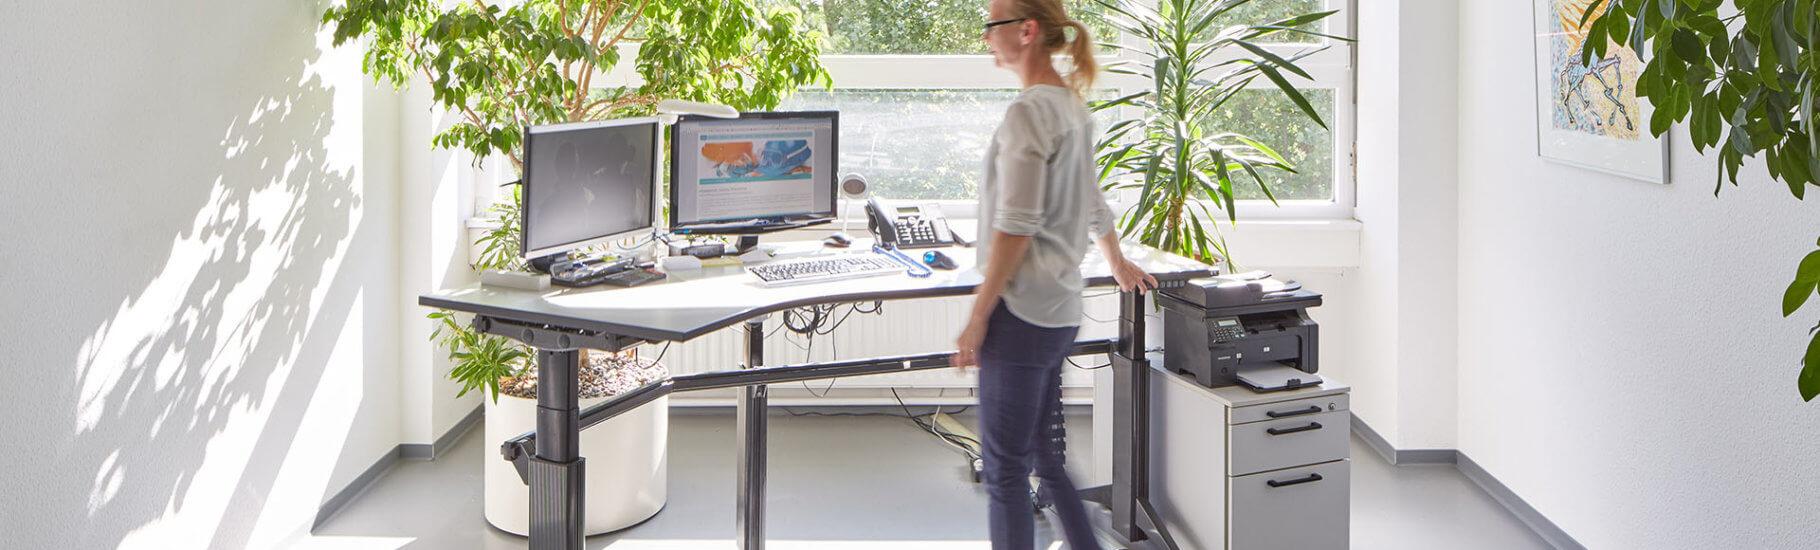 mplus-mitarbeiterin-am-stehtisch_rueckenschonender-arbeitsplatz-